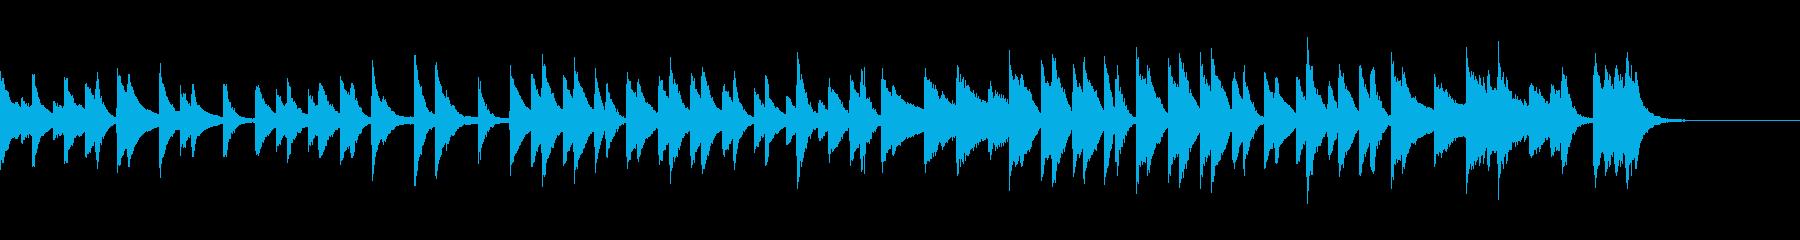 のんびりでウキウキするピアノジングルの再生済みの波形